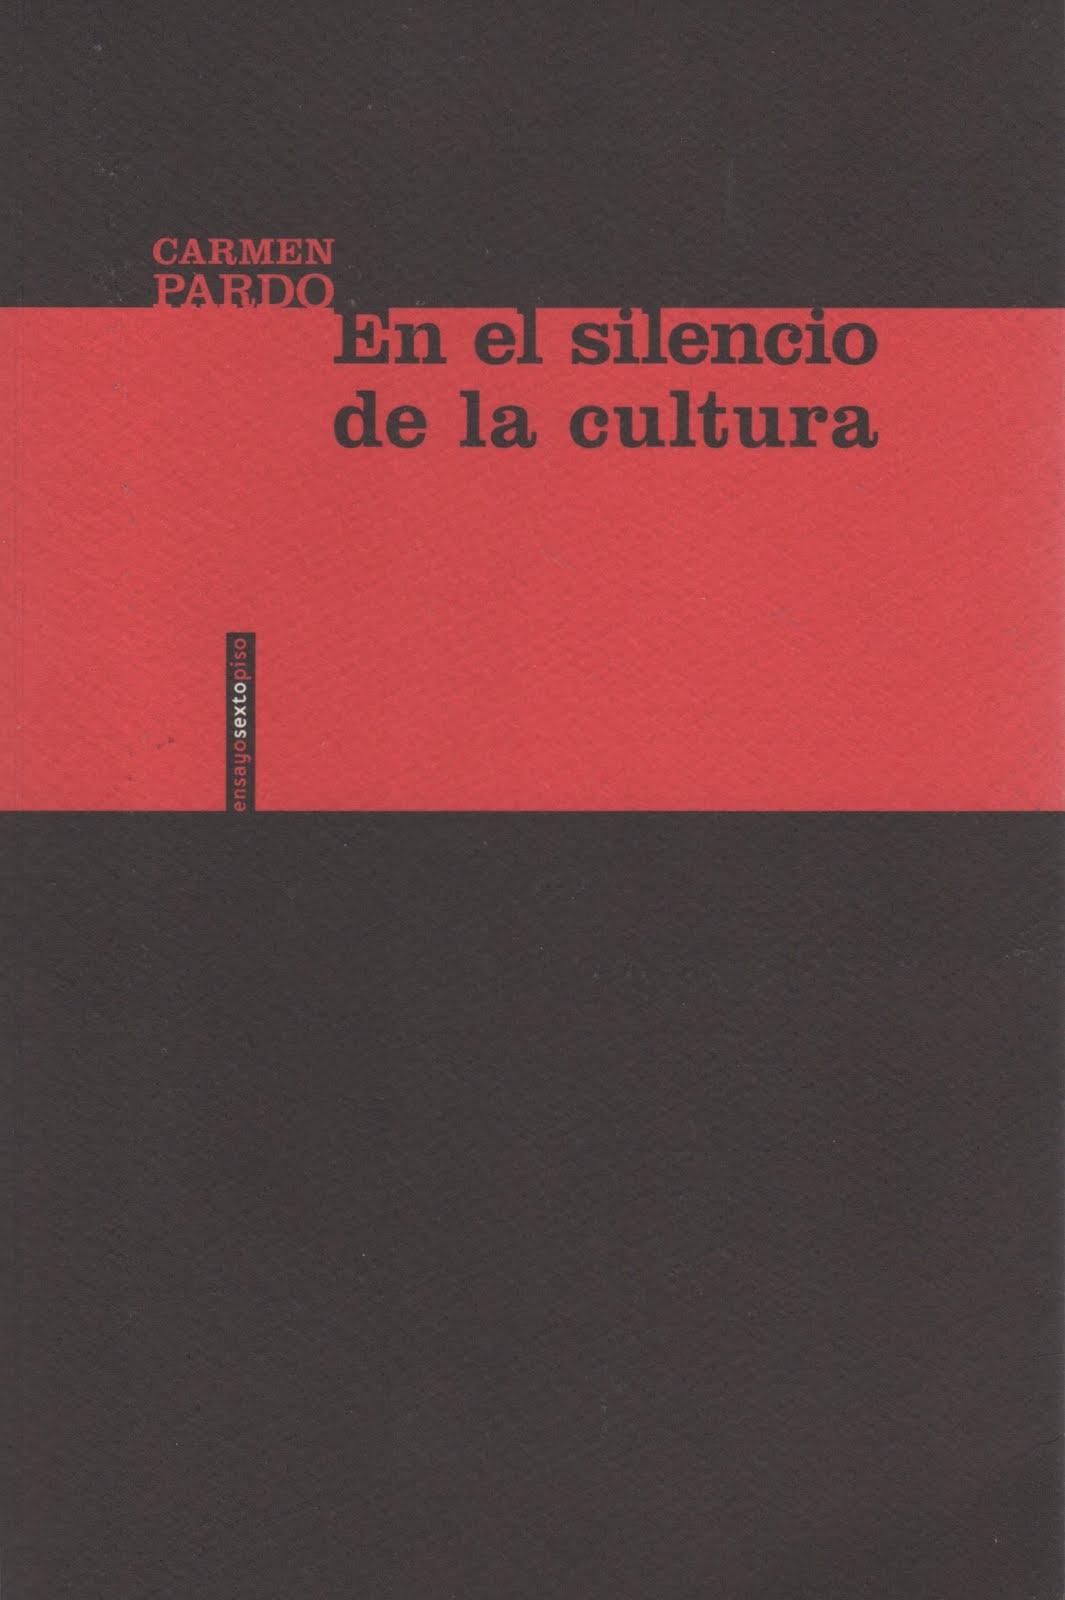 Carmen Pardo (En el silencio de la cultura)